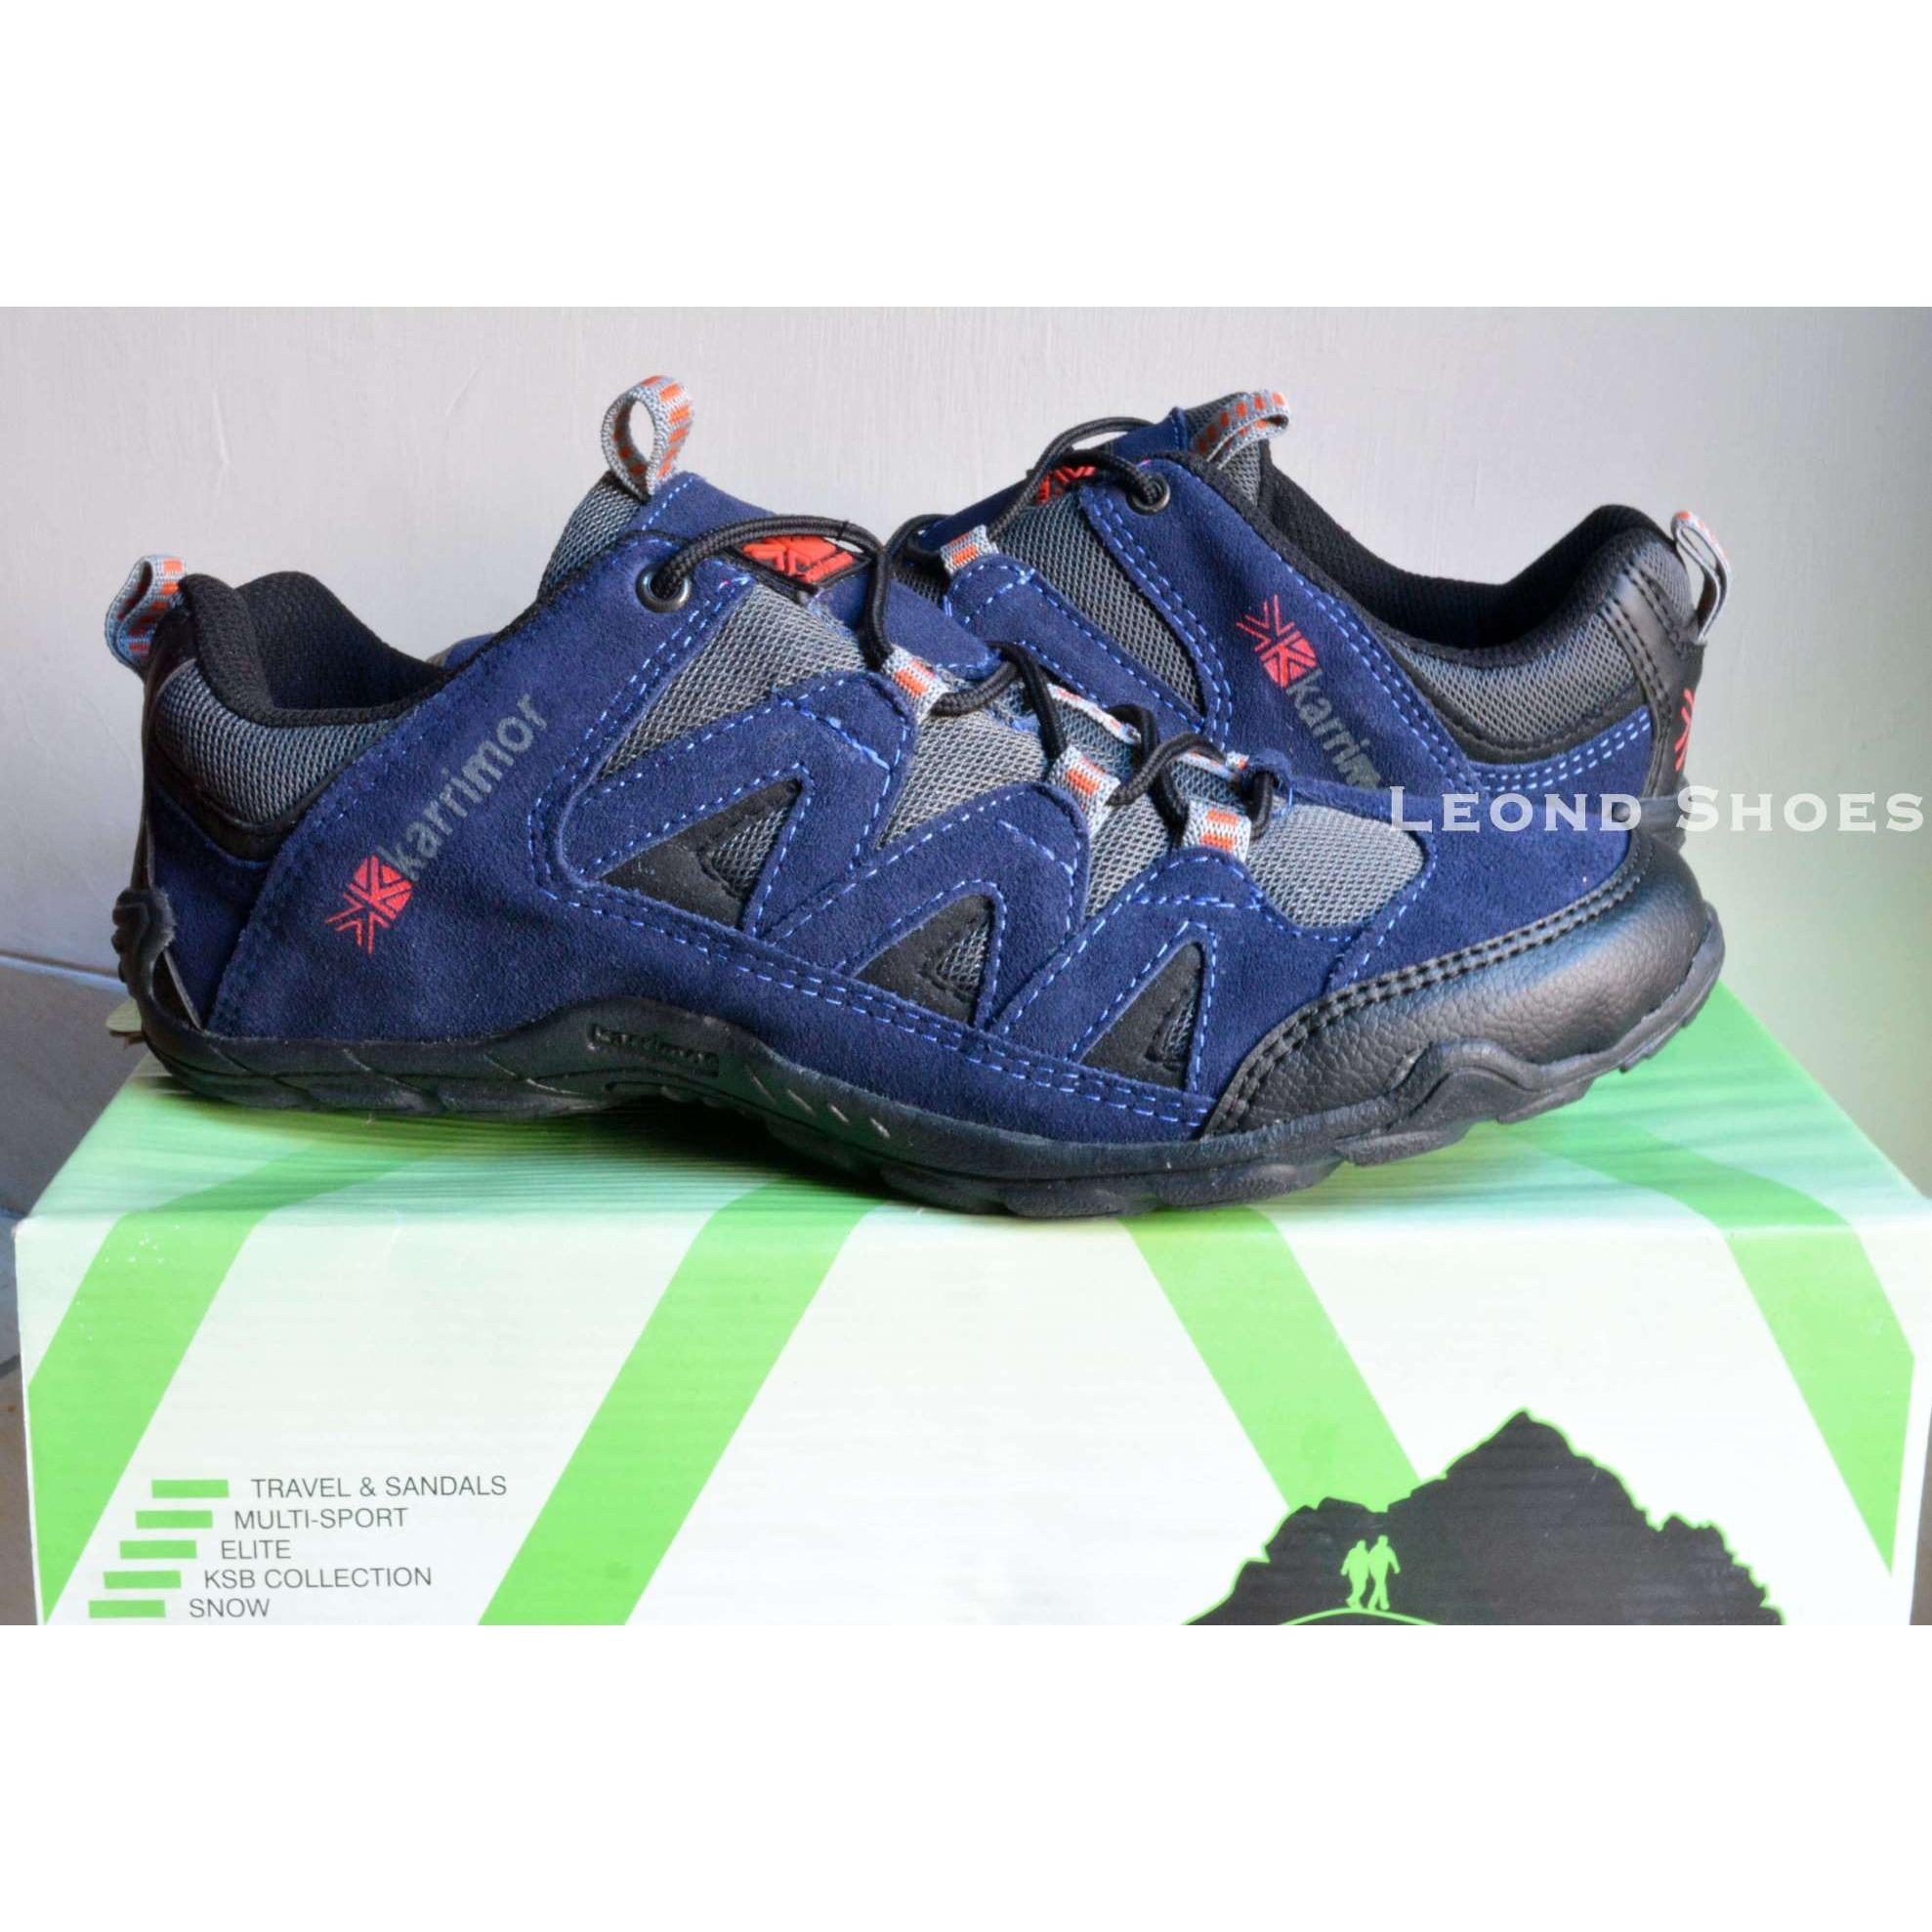 Shimano Sepatu Sepeda Sh Rp200 Putih Page 2 Daftar Update Harga Shoes Am500 Hitam Original Am700 Source Jual